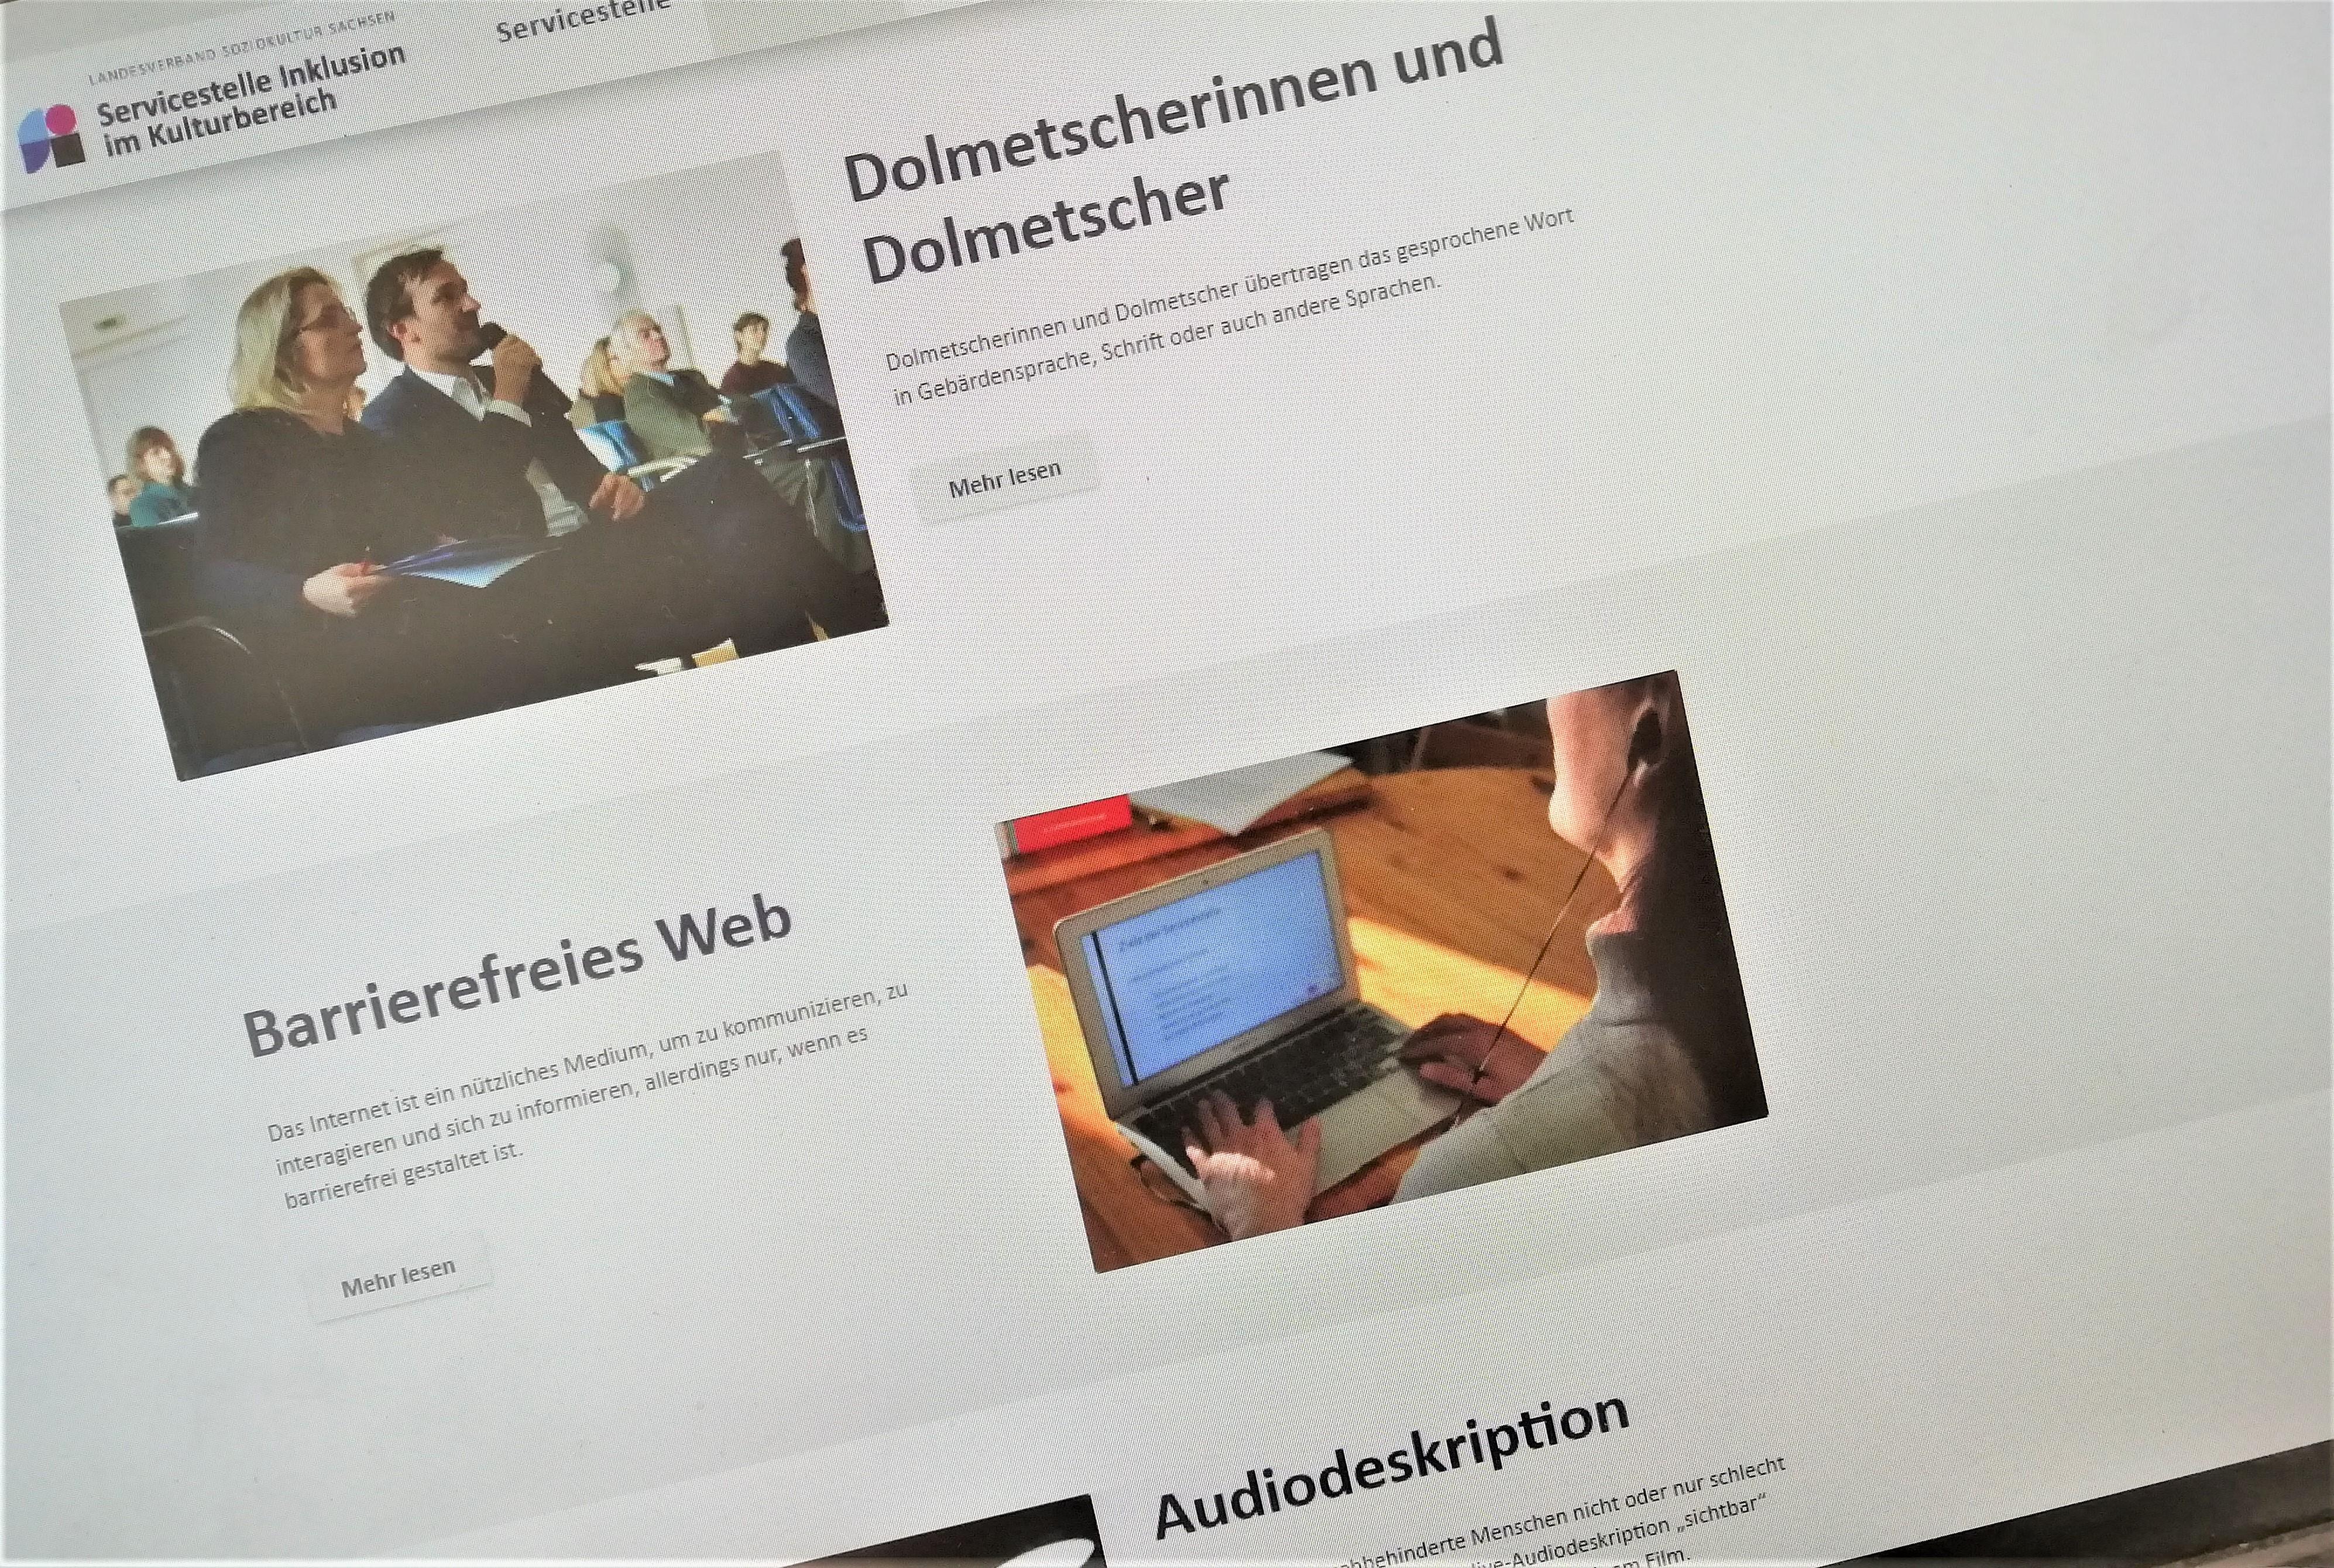 Das Foto zeigt einen Screenshot des Infoportals der Servicestelle. Zu sehen sind drei Informationsabschnitte untereinander, jeweils mit Text und Foto daneben. Der erste Abschnitt: Dolmetscherinnen und Dolmetscher, der zweite: Barrierefreies Web, der dritte: Audiodeskription.